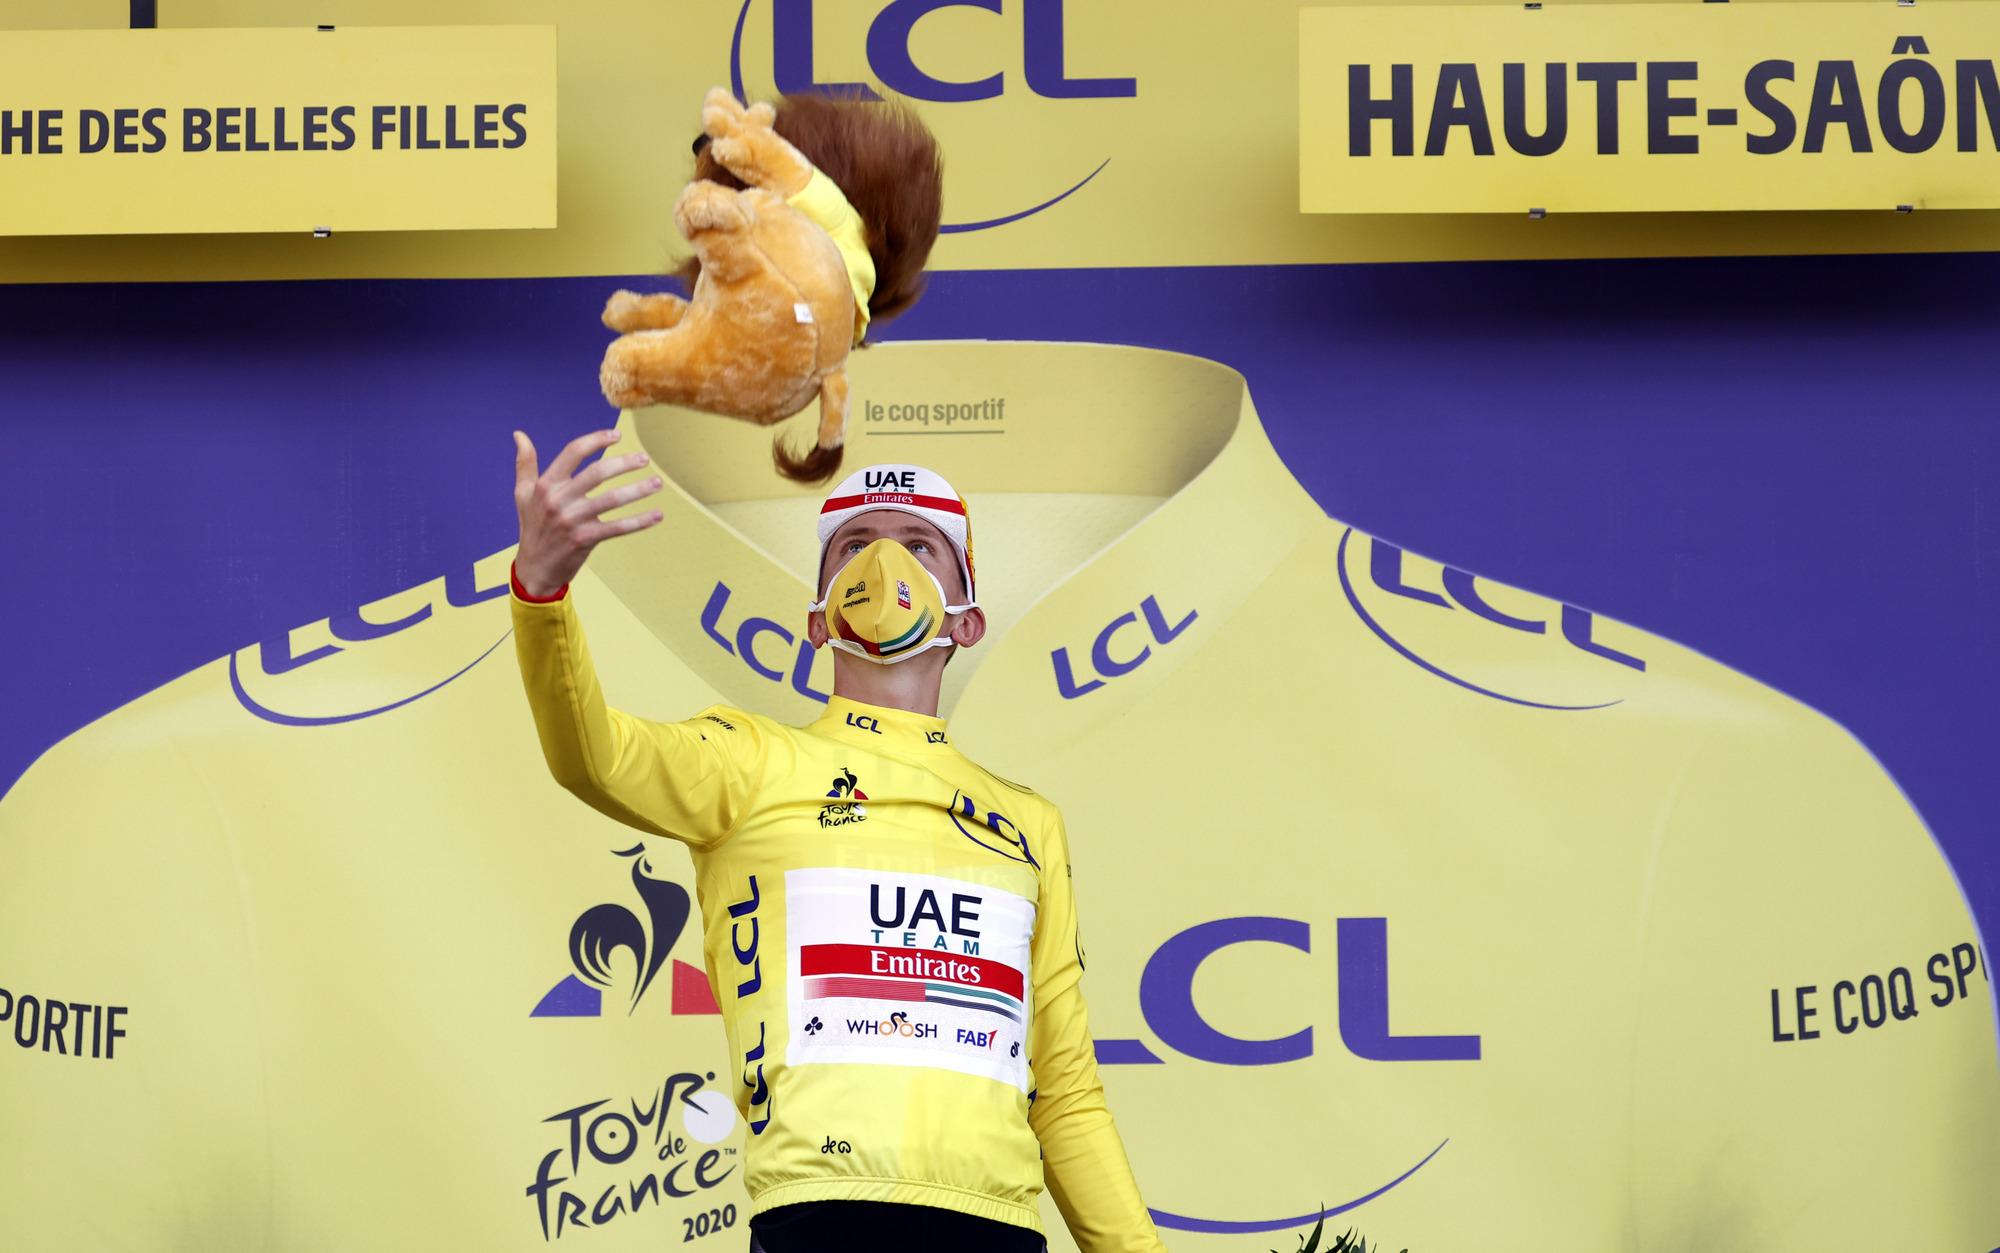 Tour de France 2020 - 107th Edition - 20th stage Lure - La Planche des Belles Filles 36.2 km - 19/09/2020 - Tadej Pogacar (SLO - UAE - Team Emirates) - photo POOL/BettiniPhoto©2020